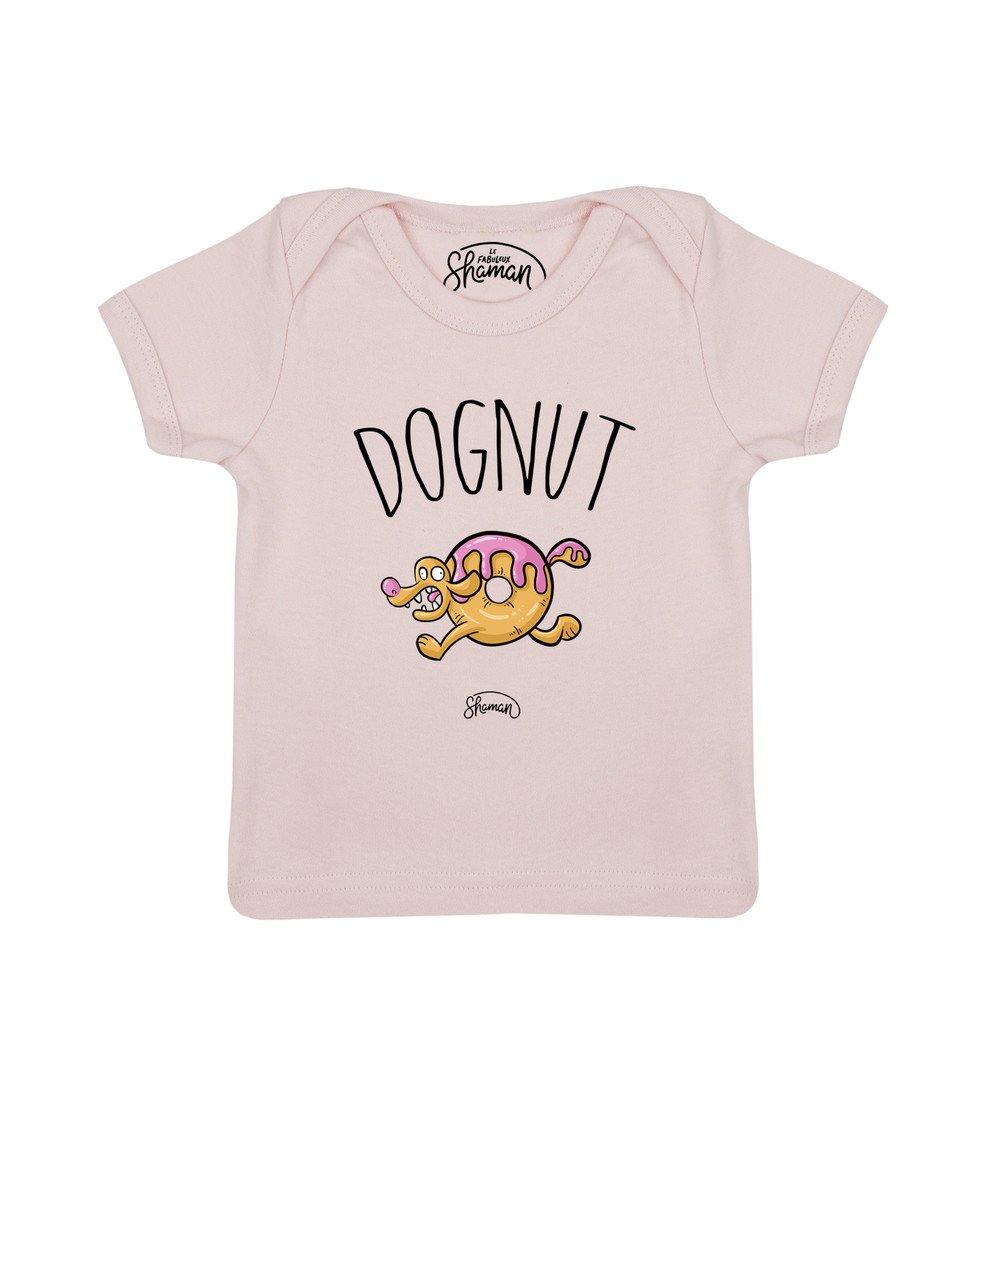 Tee shirt dognut